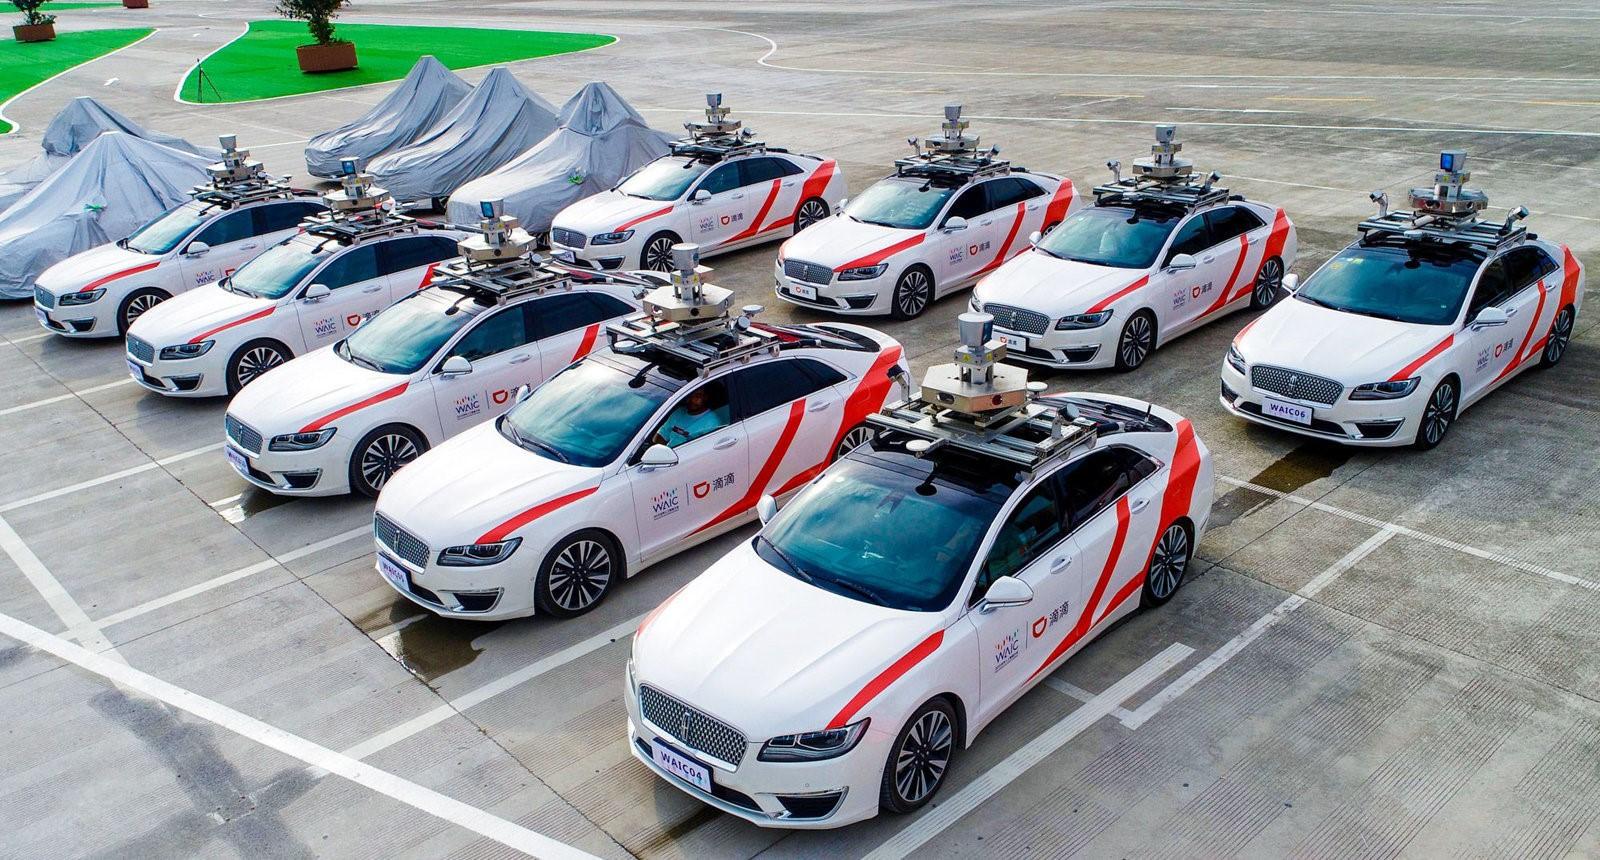 Autonomiczne taksówki w Chinach wcześniej niż w USA i Europie 27